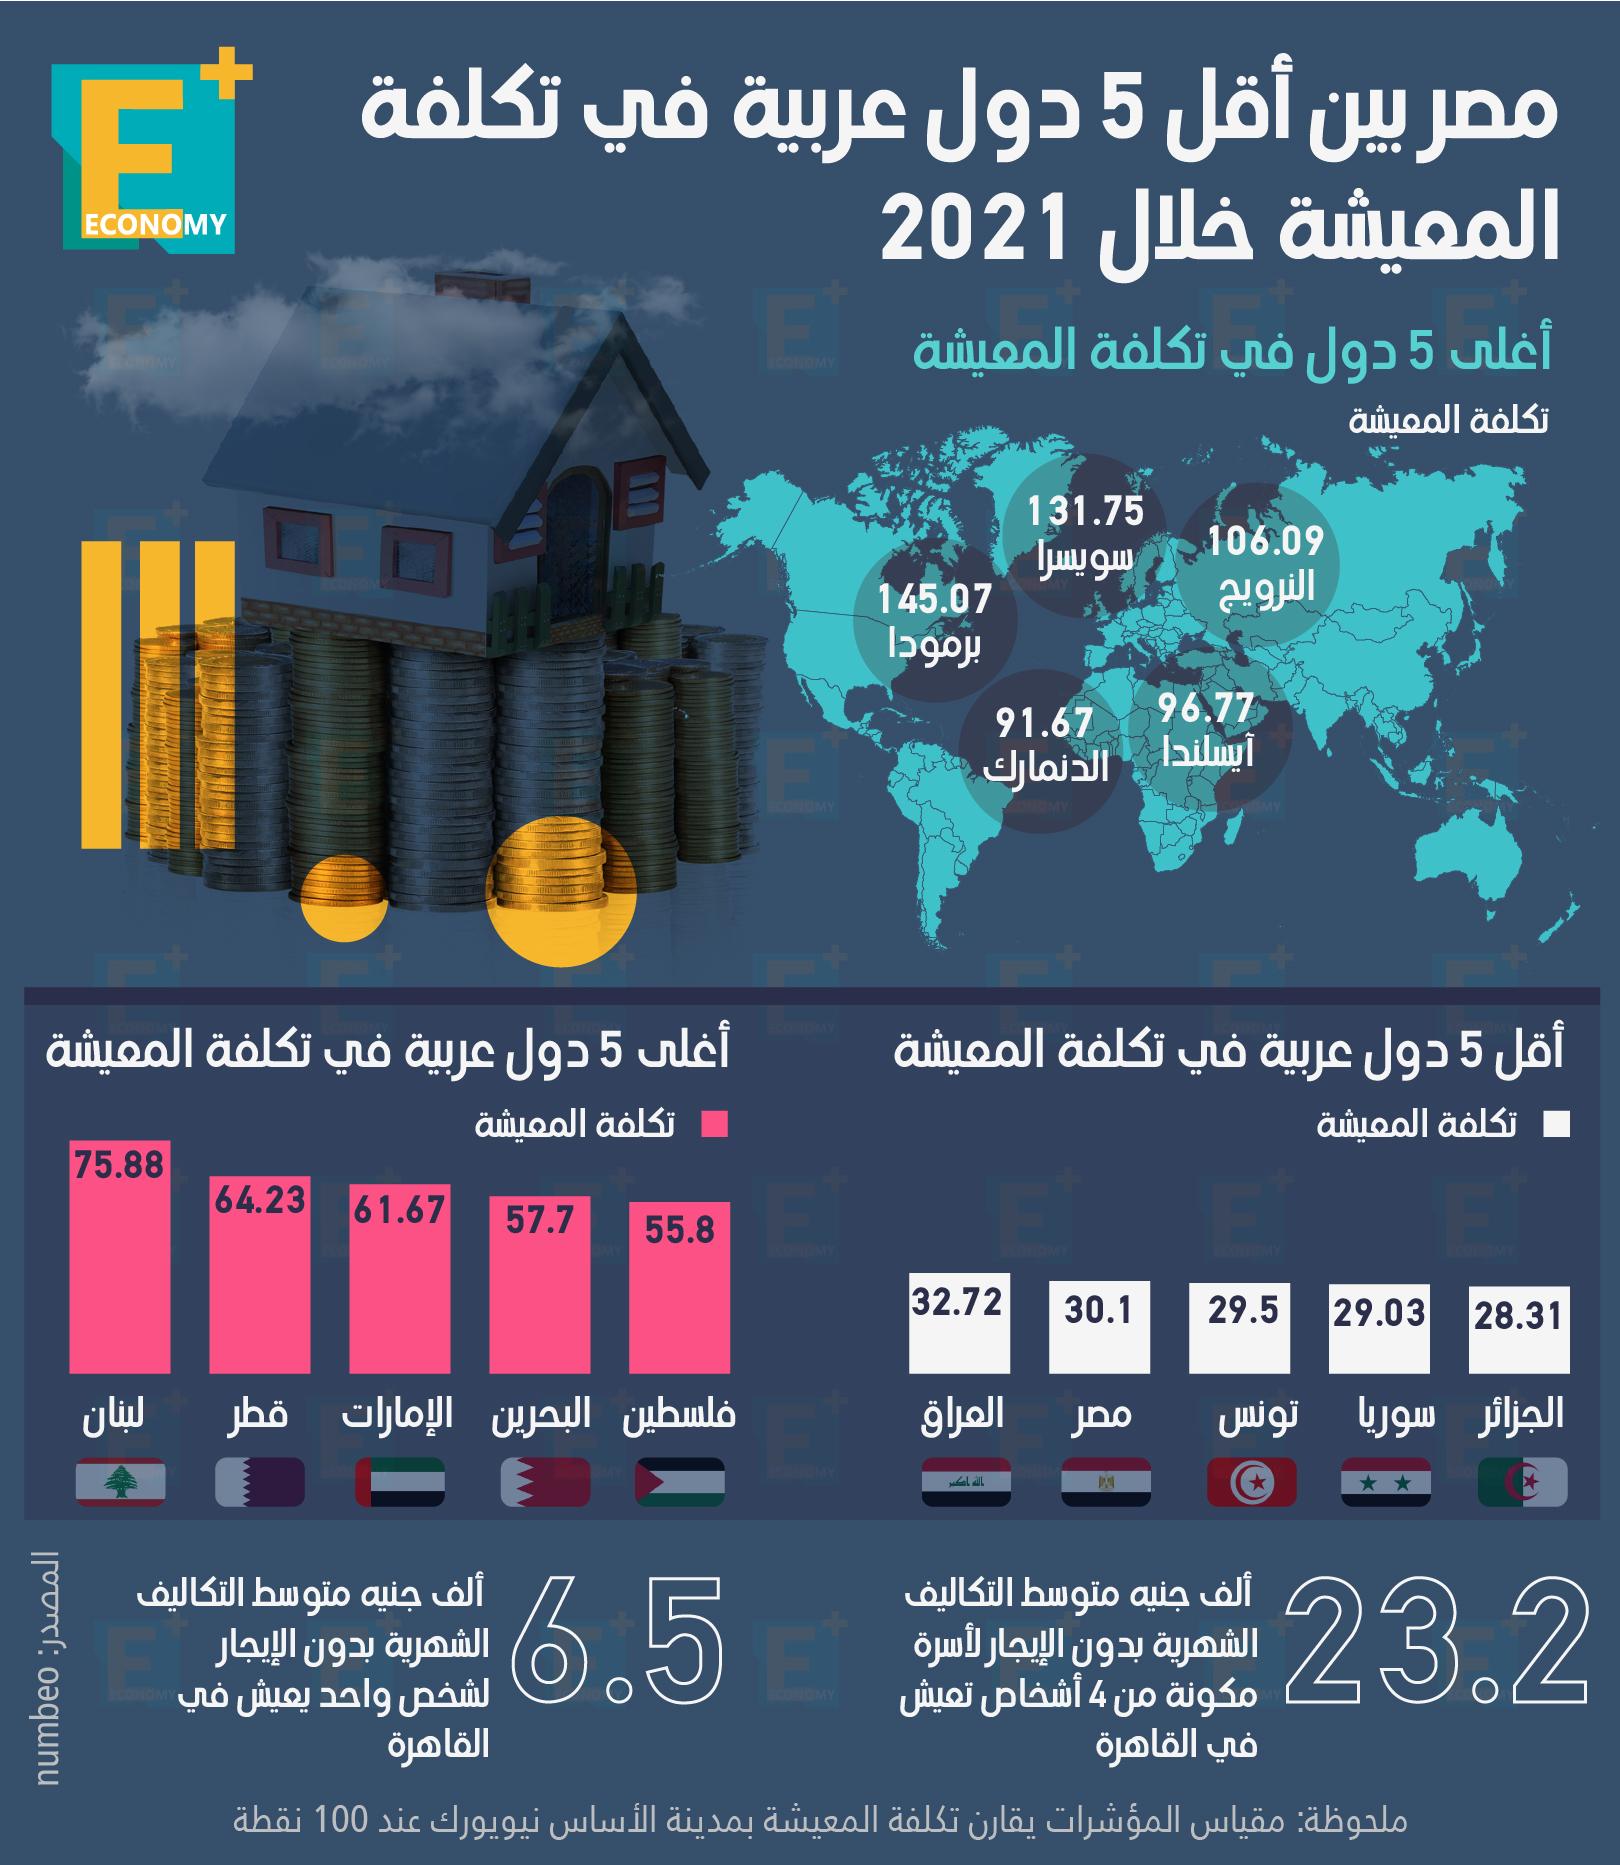 مصر بين أقل 5 دول عربية في تكلفة المعيشة خلال 2021